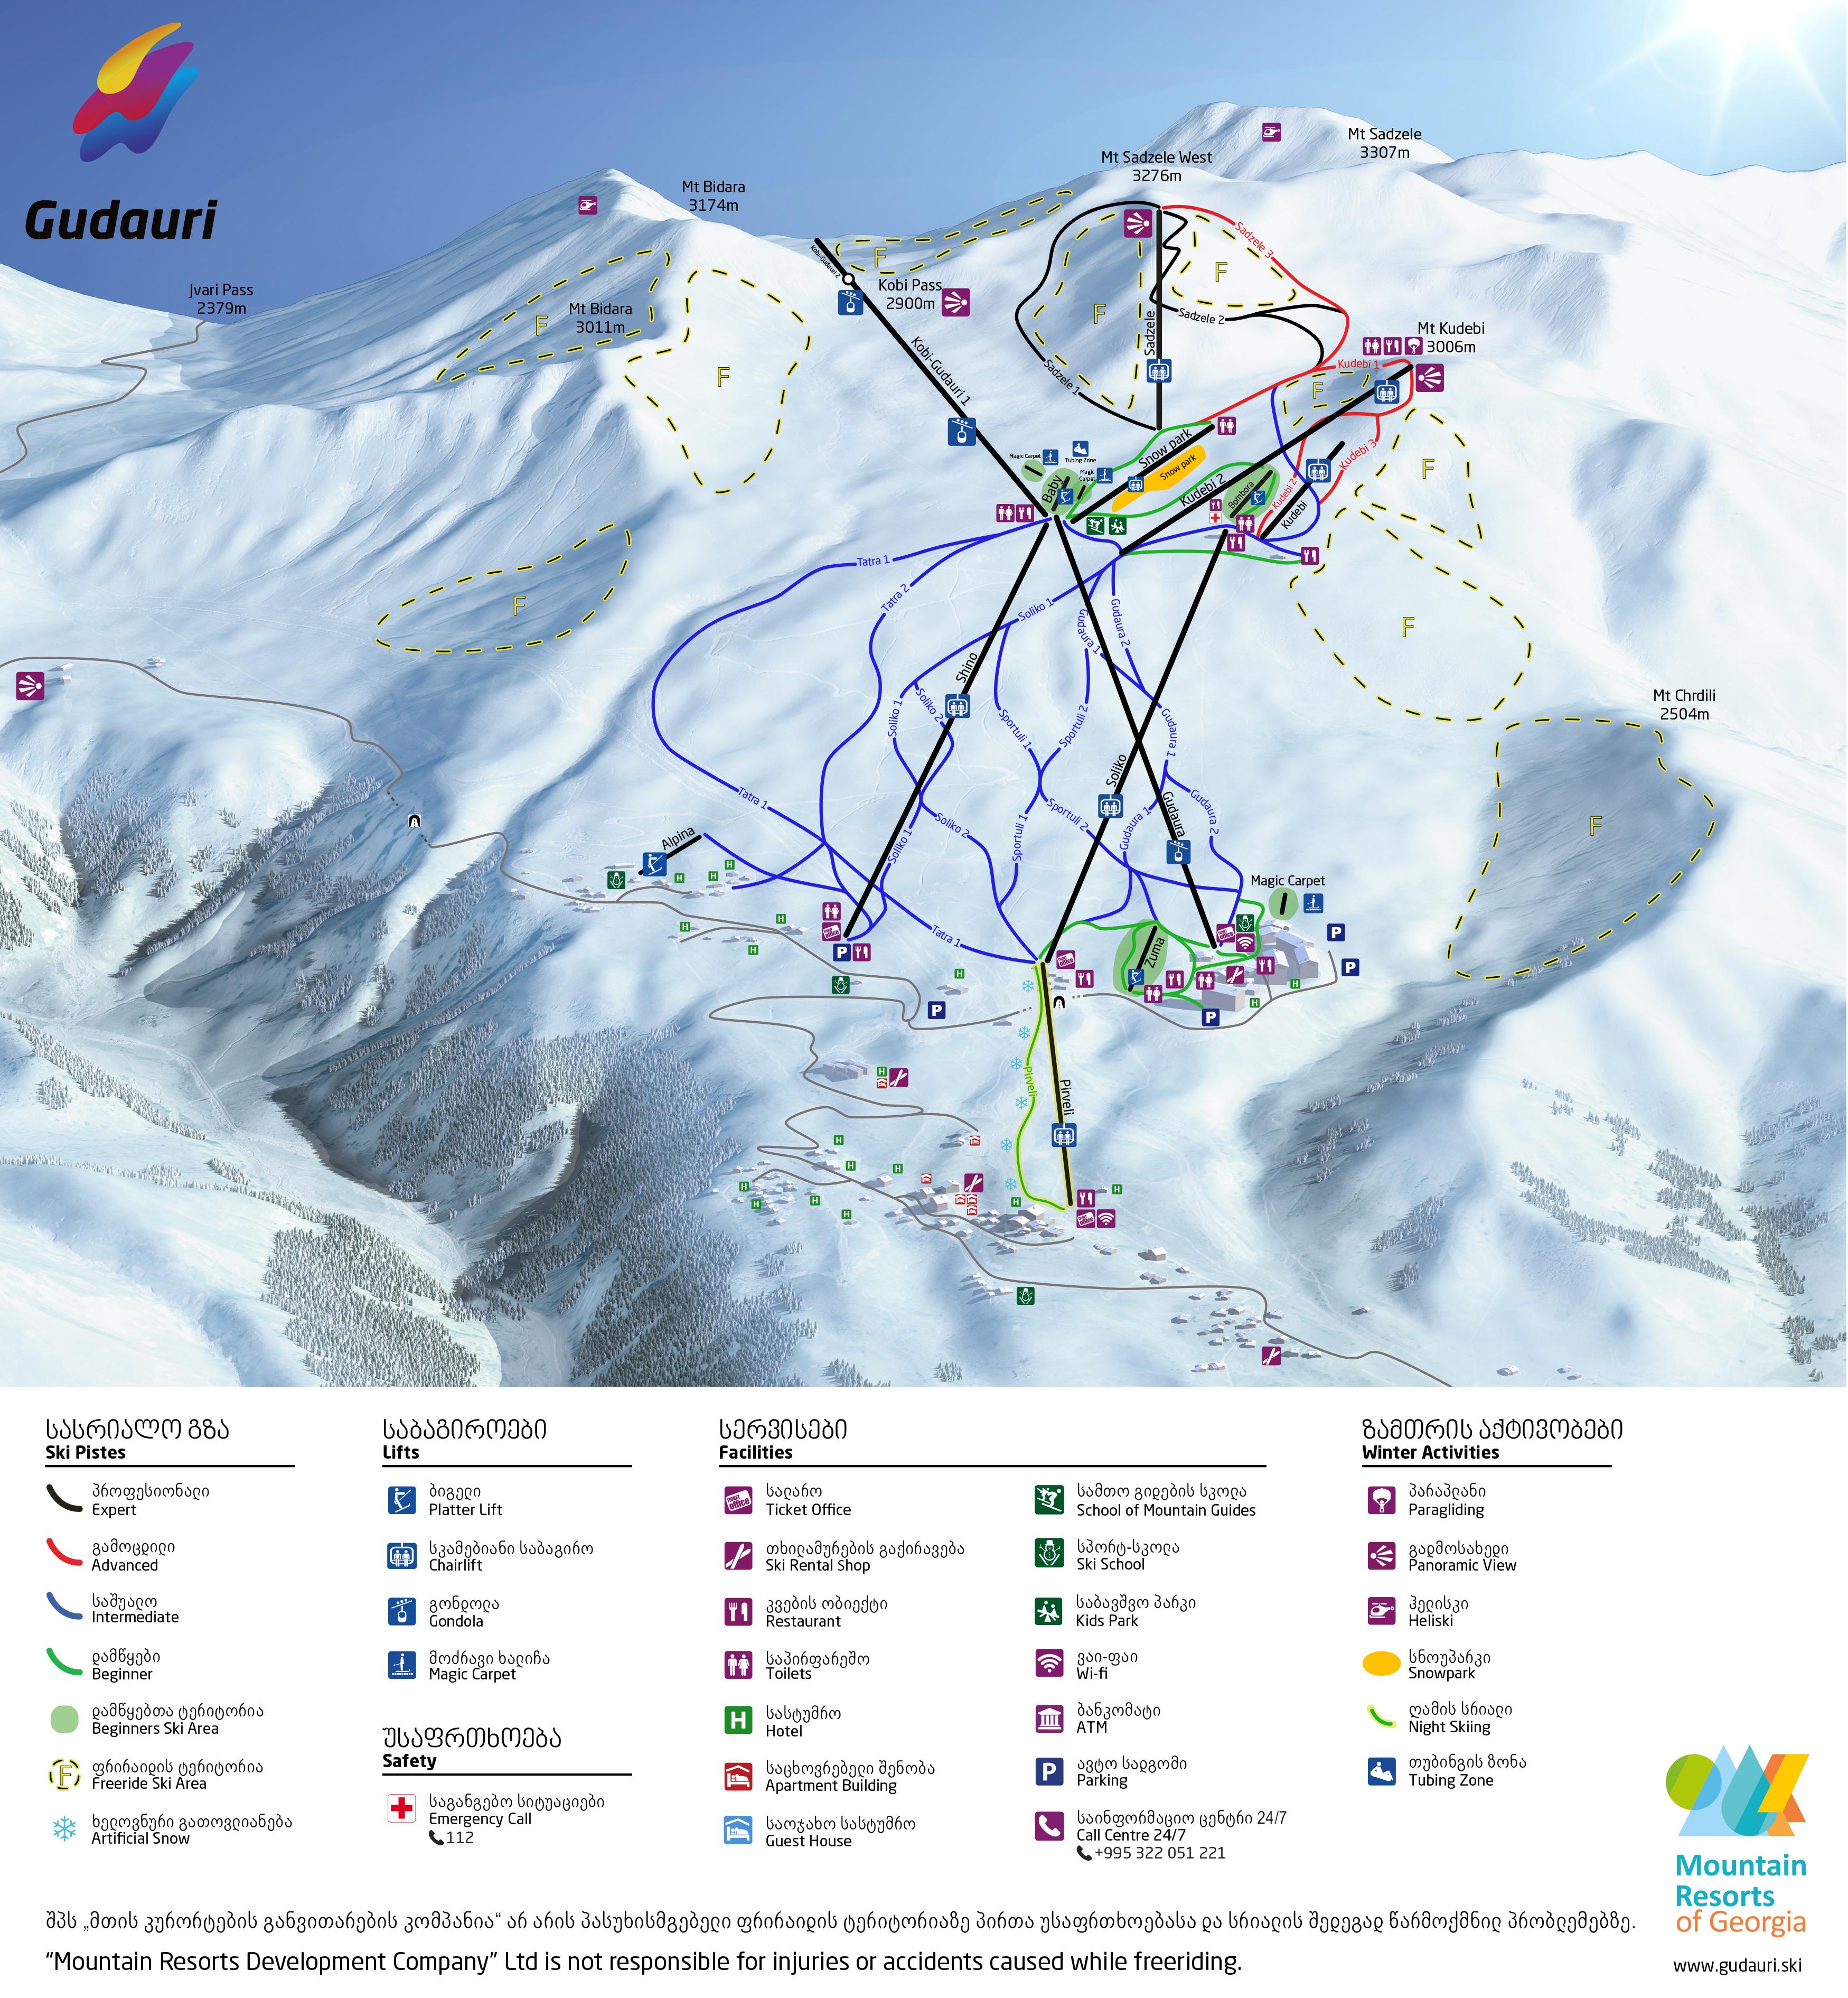 Gudauri Gudauri Winter Sports Resort Skipass Price